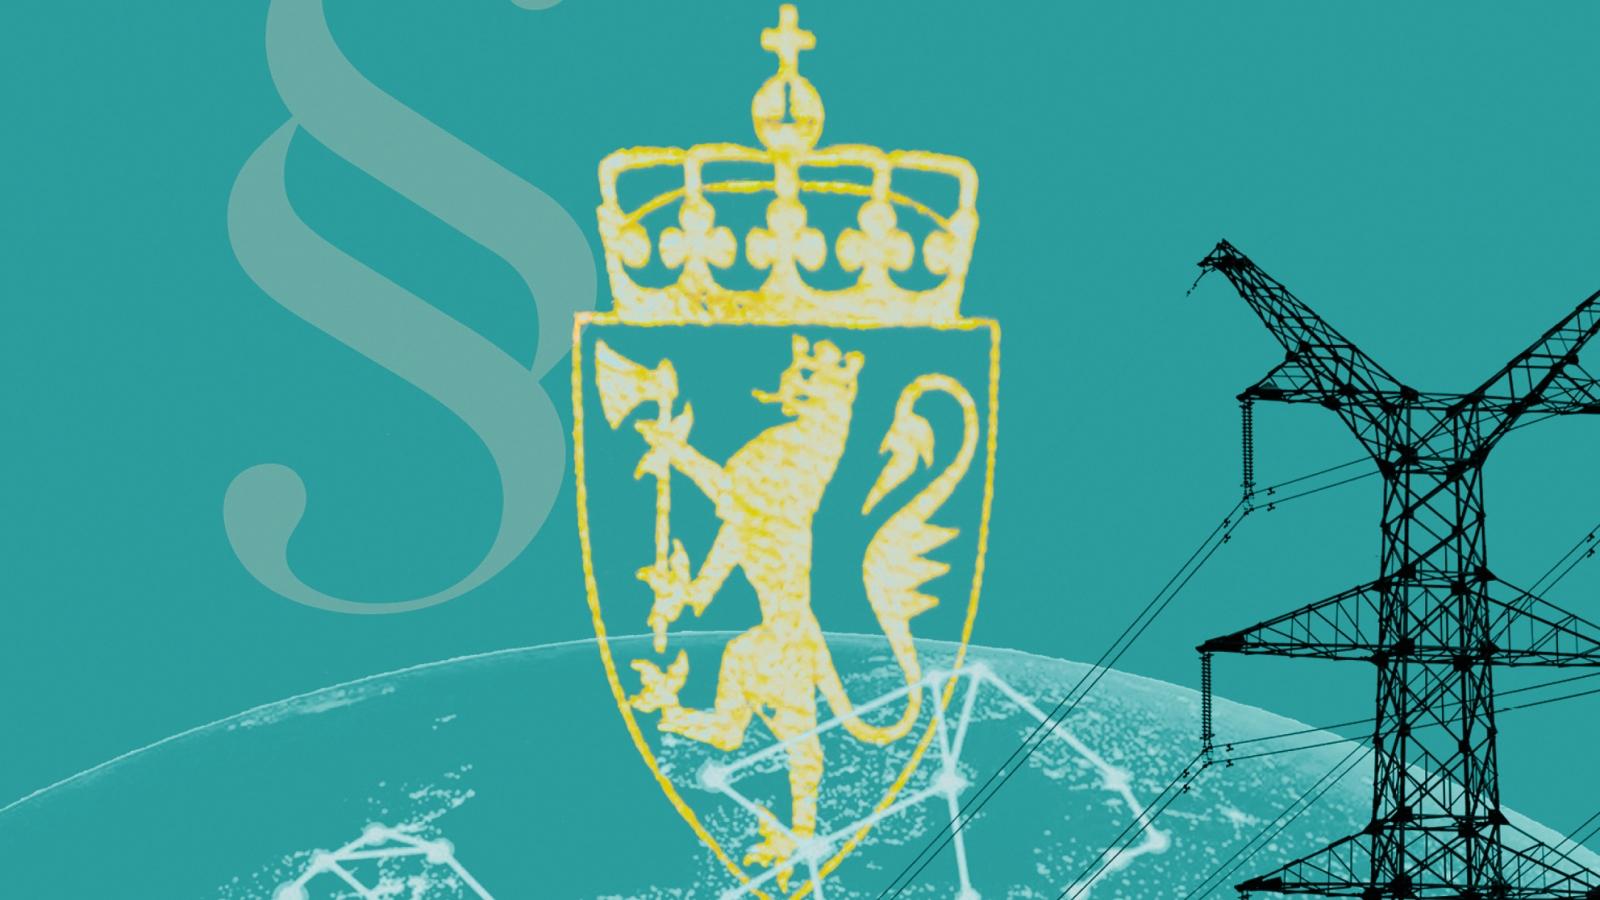 Utsnitt av forsiden til Ørebechs betenkning «EUs Energibyrås Energipakke 3 & 4 og Kongeriket Norges Grunnlov». Illustrasjon: Eivind Formoe / Nei til EU.